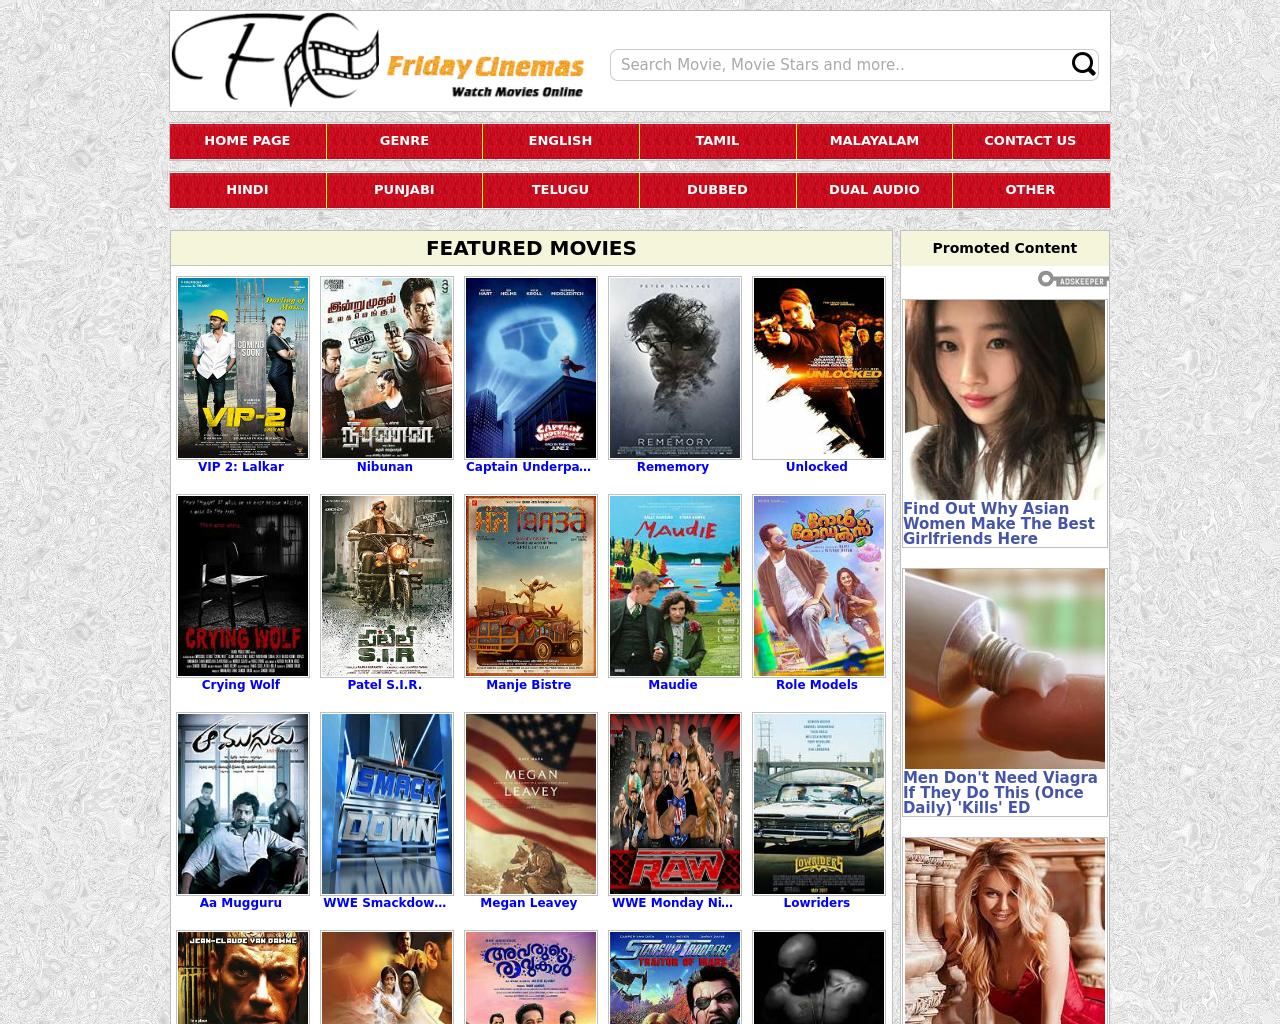 FridayCinemas-Advertising-Reviews-Pricing